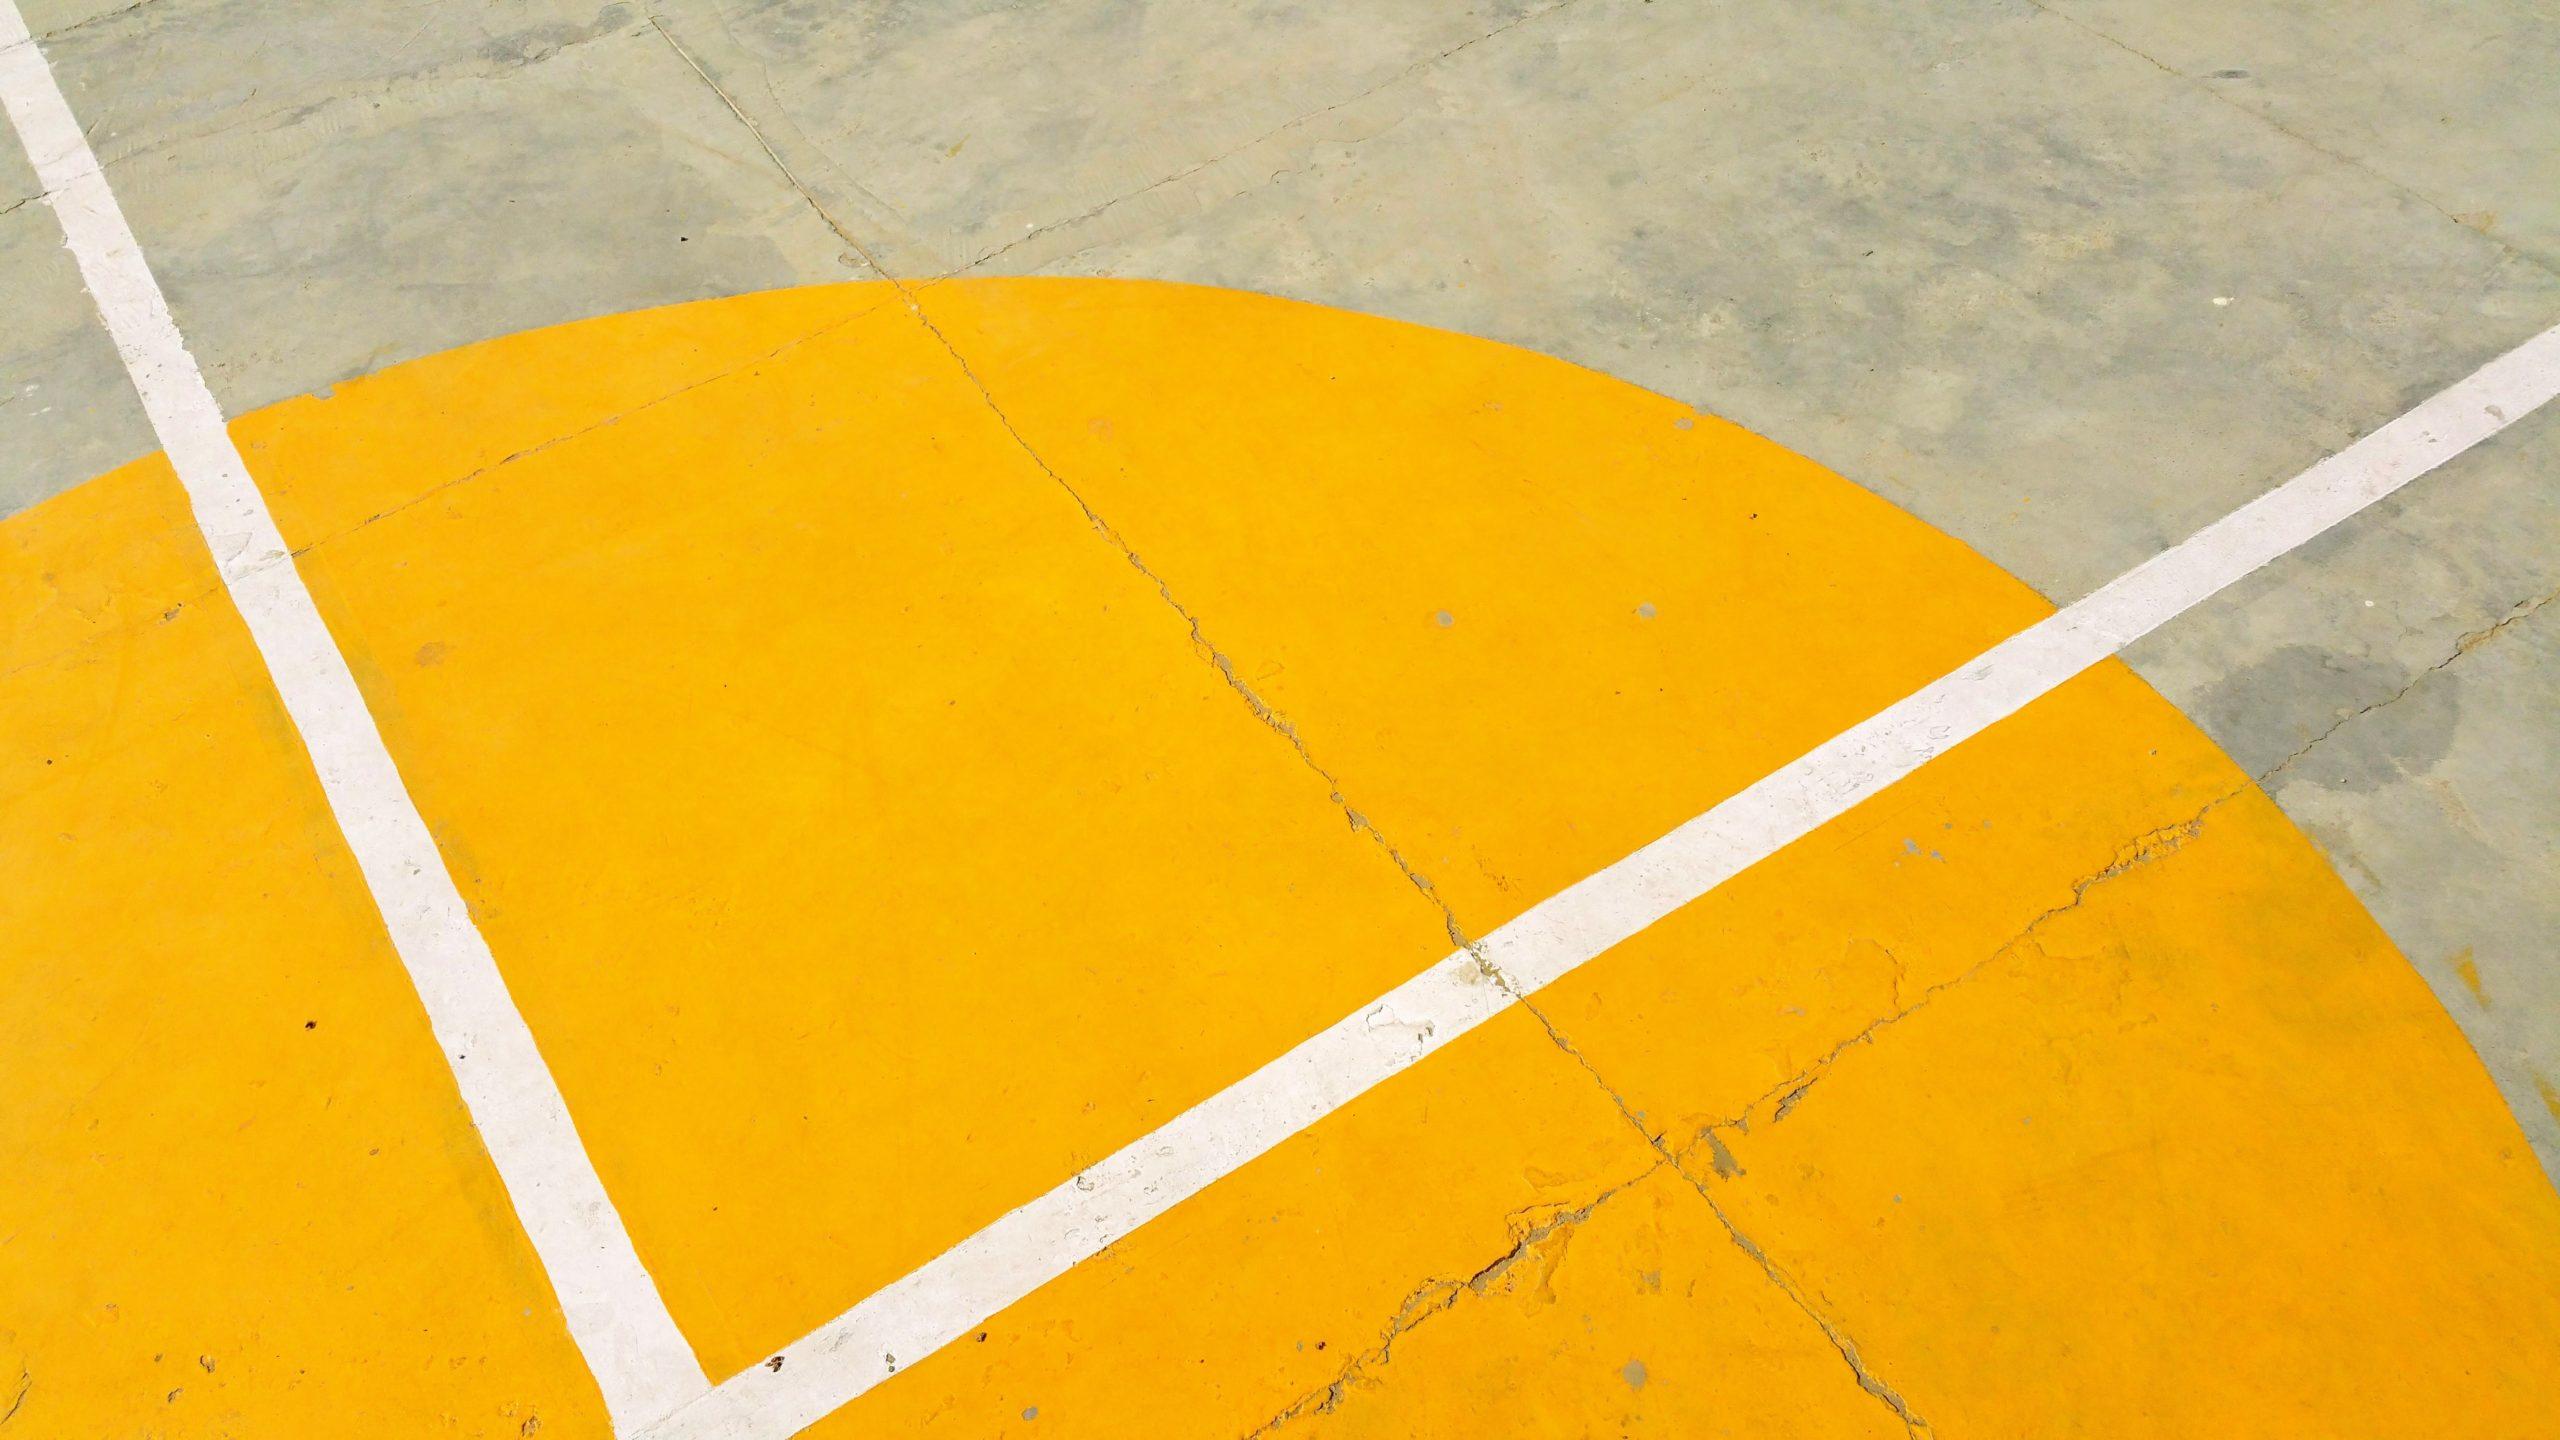 Spielfeld draußen mit gelbem Kreis